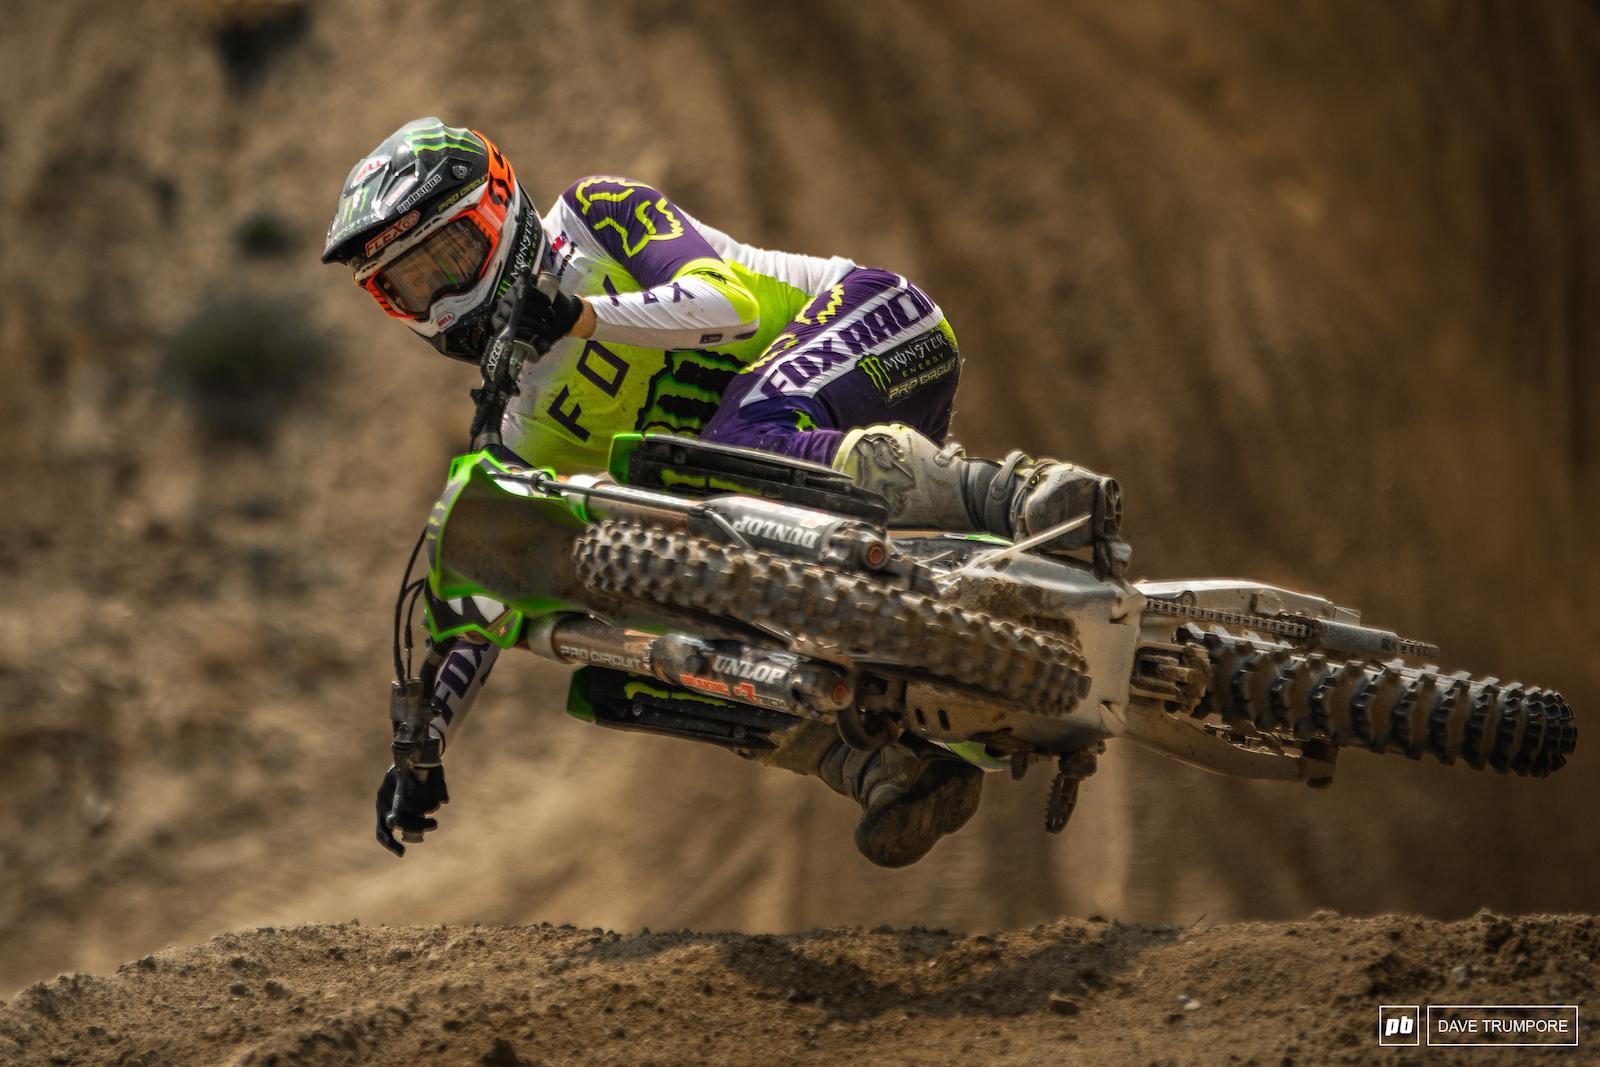 Cameron McAdo - California